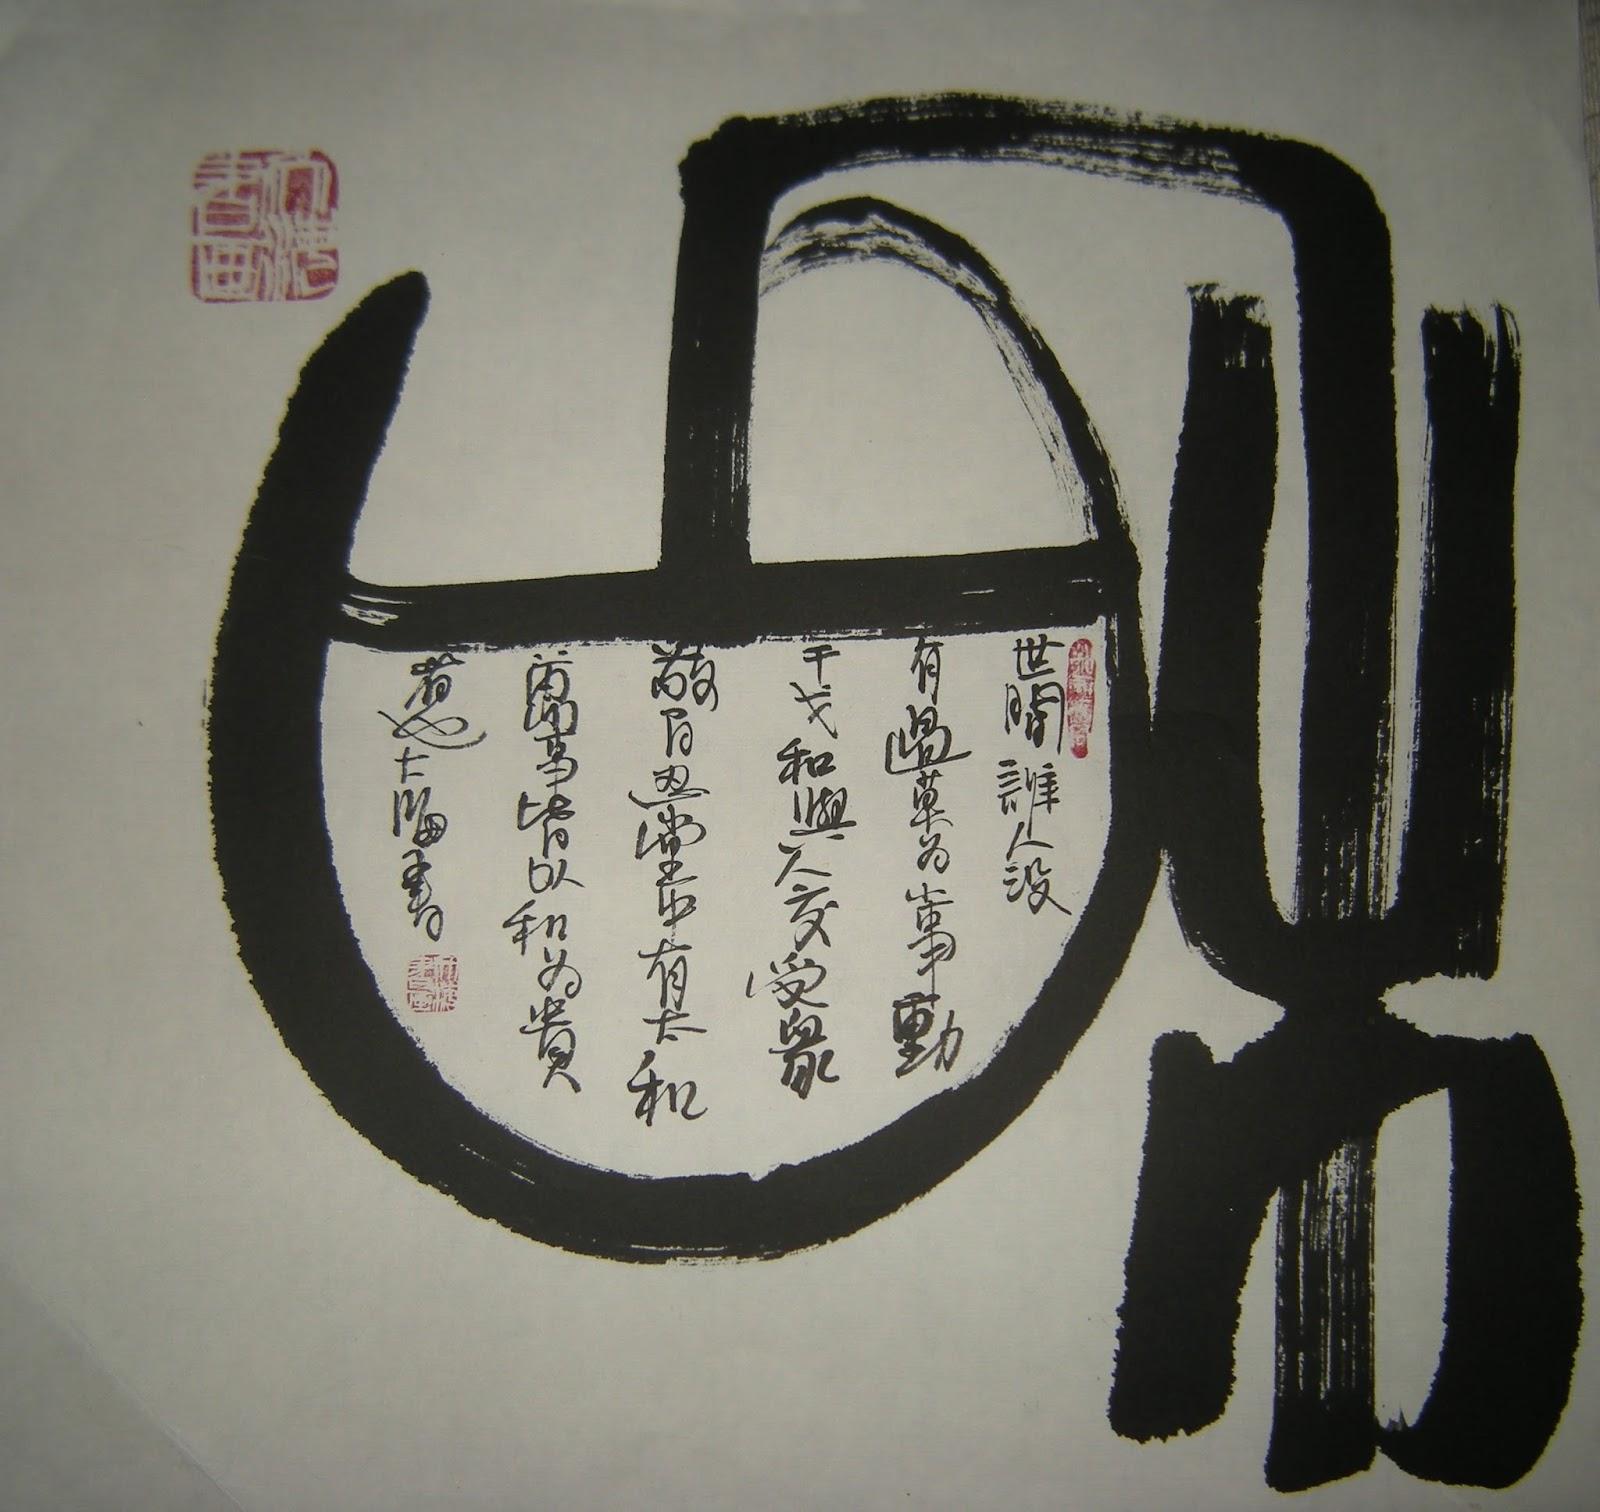 """和  世间谁人没  有过,莫为小事 动  干戈,和与人交受众  敬,百忍堂中有太和  万事皆以和为贵  者也仁 隆寿  PEACE  In this world, who has not offended,  One should not from mere trifles cause  Spears to be rattled, If one should mutually respect all people  In the school of the endurance of a hundred-hold, one would find peace at its center (1),  If one should place peace as one's paramount in the existence of all things (2),  Surely such a person would attain compassion, propitiousness and longevity.  The above is a variation of a Chinese proverb containing references to the Analects by Confucius:  1) Quotation from a traditional proverb: """"一勤天下无难事 百忍堂中有太和"""" """"If one applies diligence to what one does, there is nothing that is that difficult; If one were to endure a hundred things, one would find peace"""".  2) Quotation from the Analects by Confucius """"礼之用,和为贵 。先王之道,斯为美;小大由之。有所不行,知和而和,不以礼节之,亦不可行也""""。"""